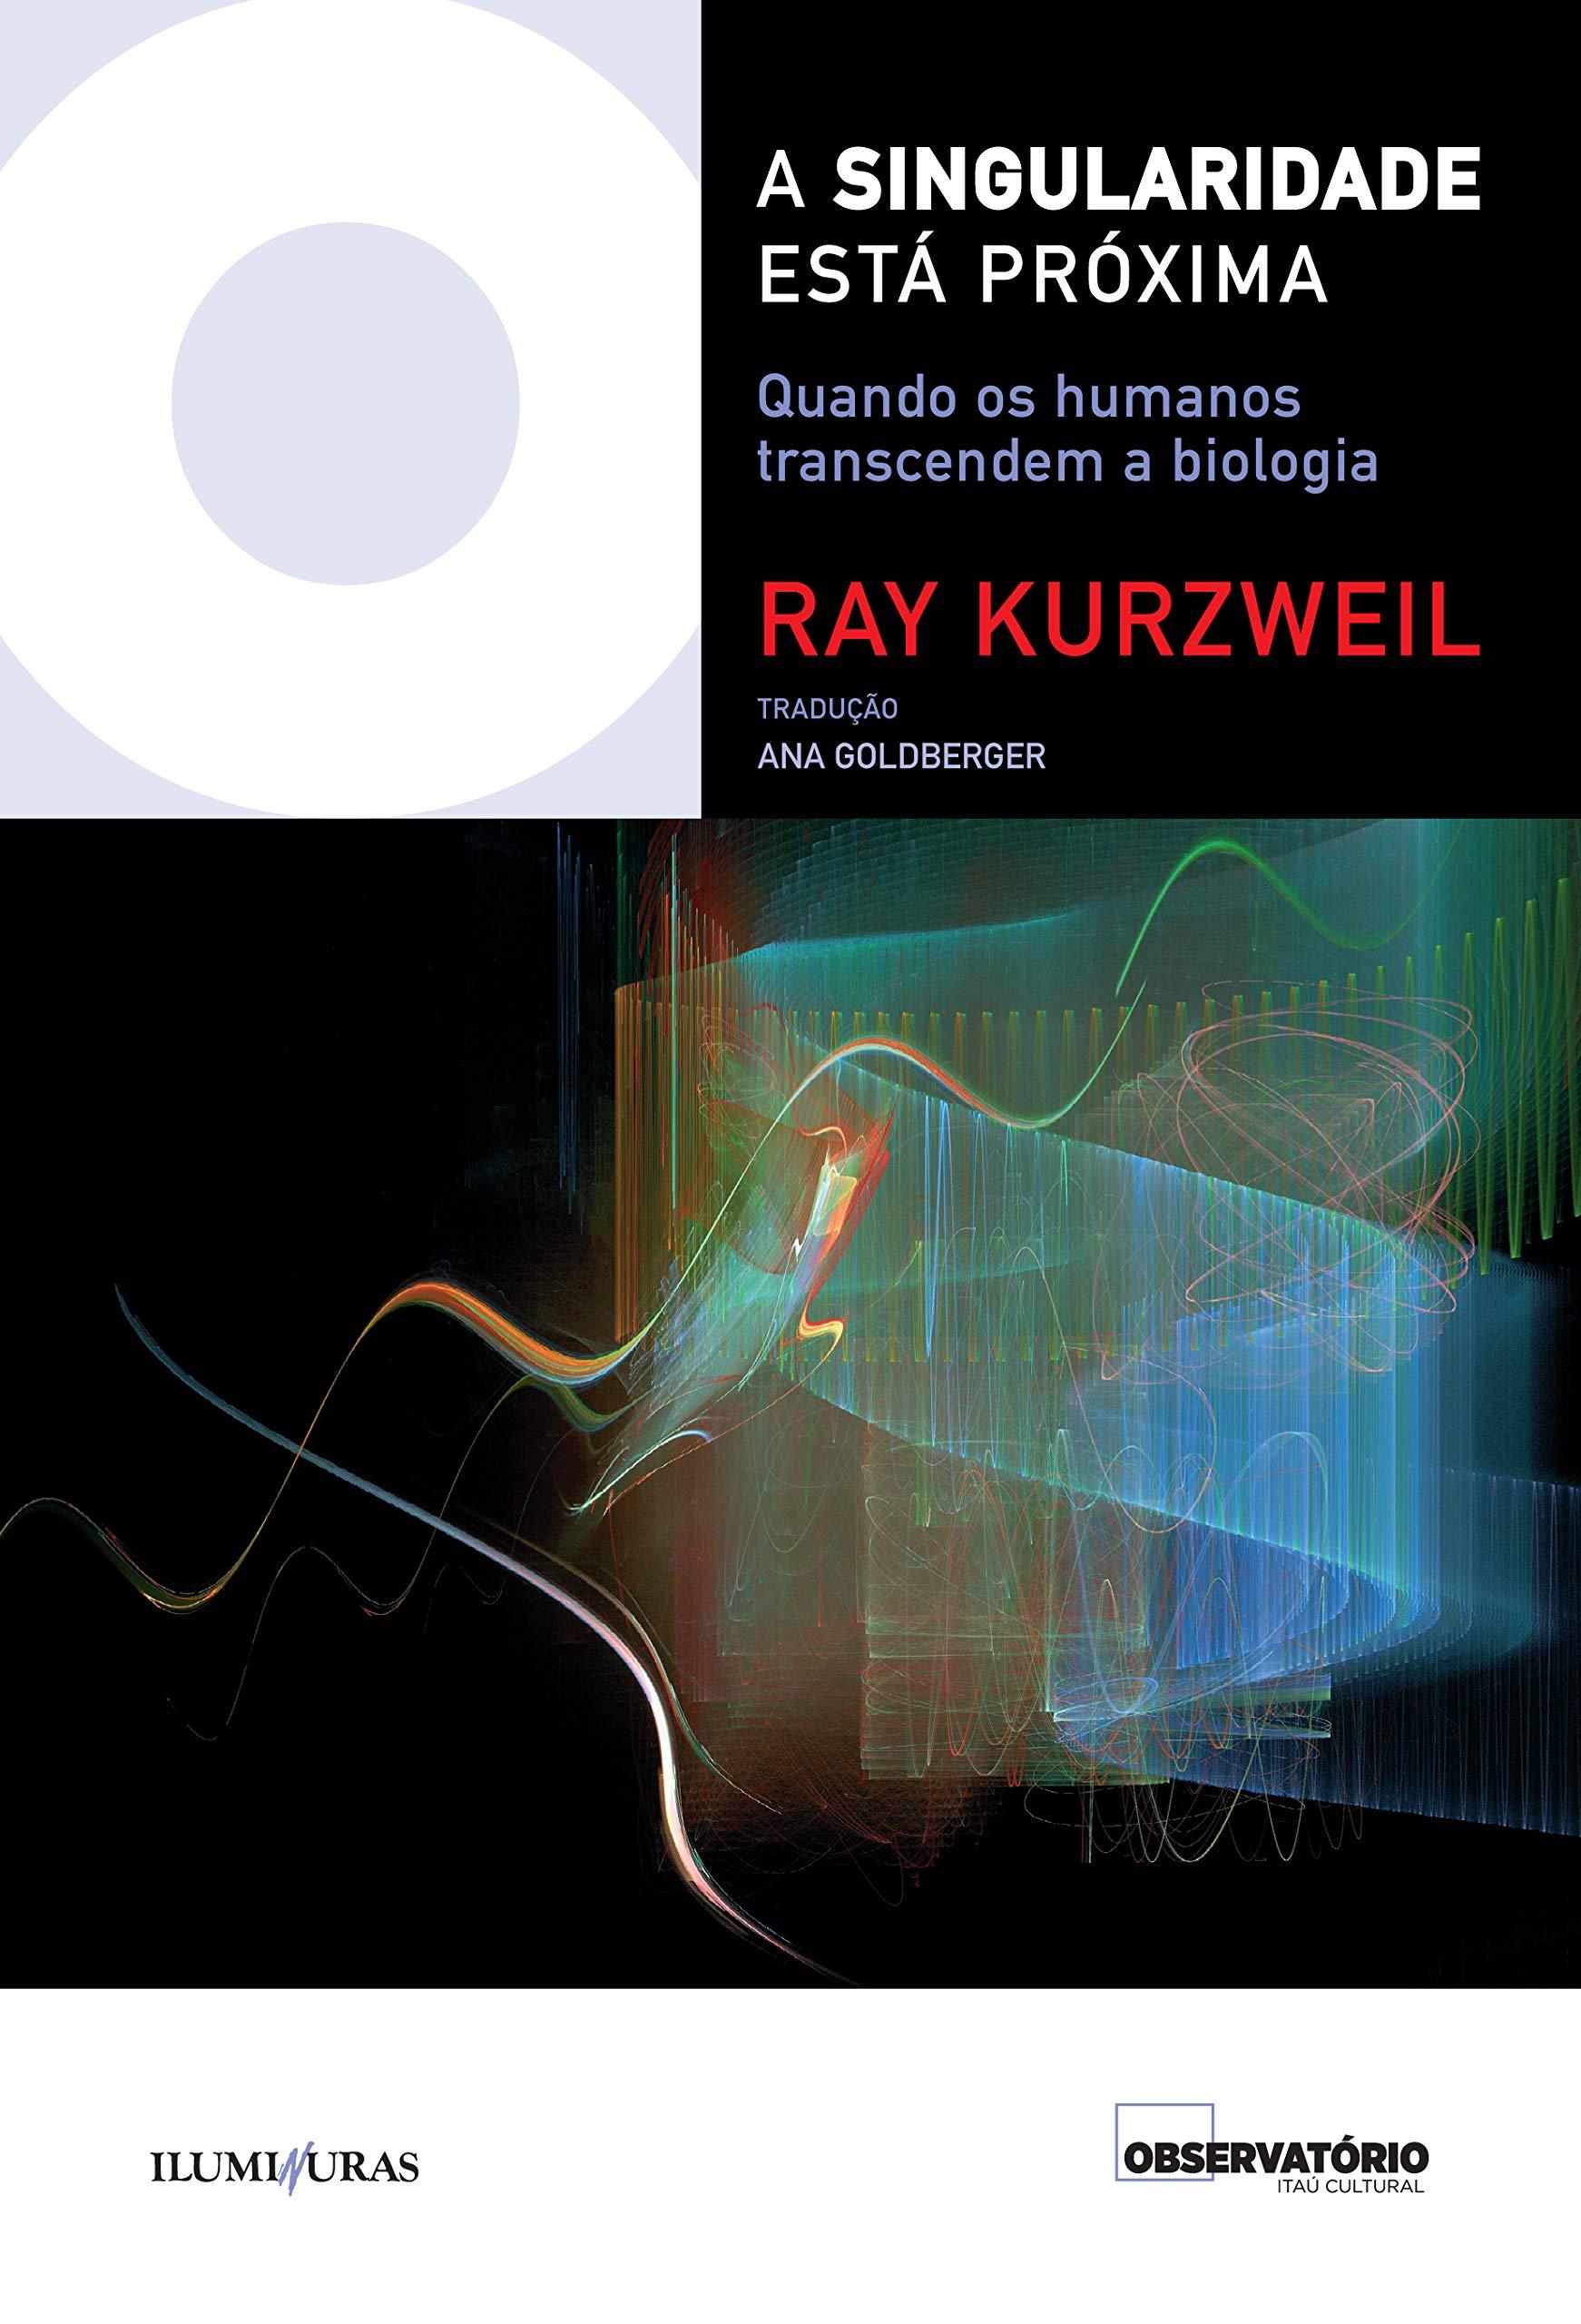 A singularidade está próxima - Quando os humanos transcendem a biologia, livro de Ray Kurzweil